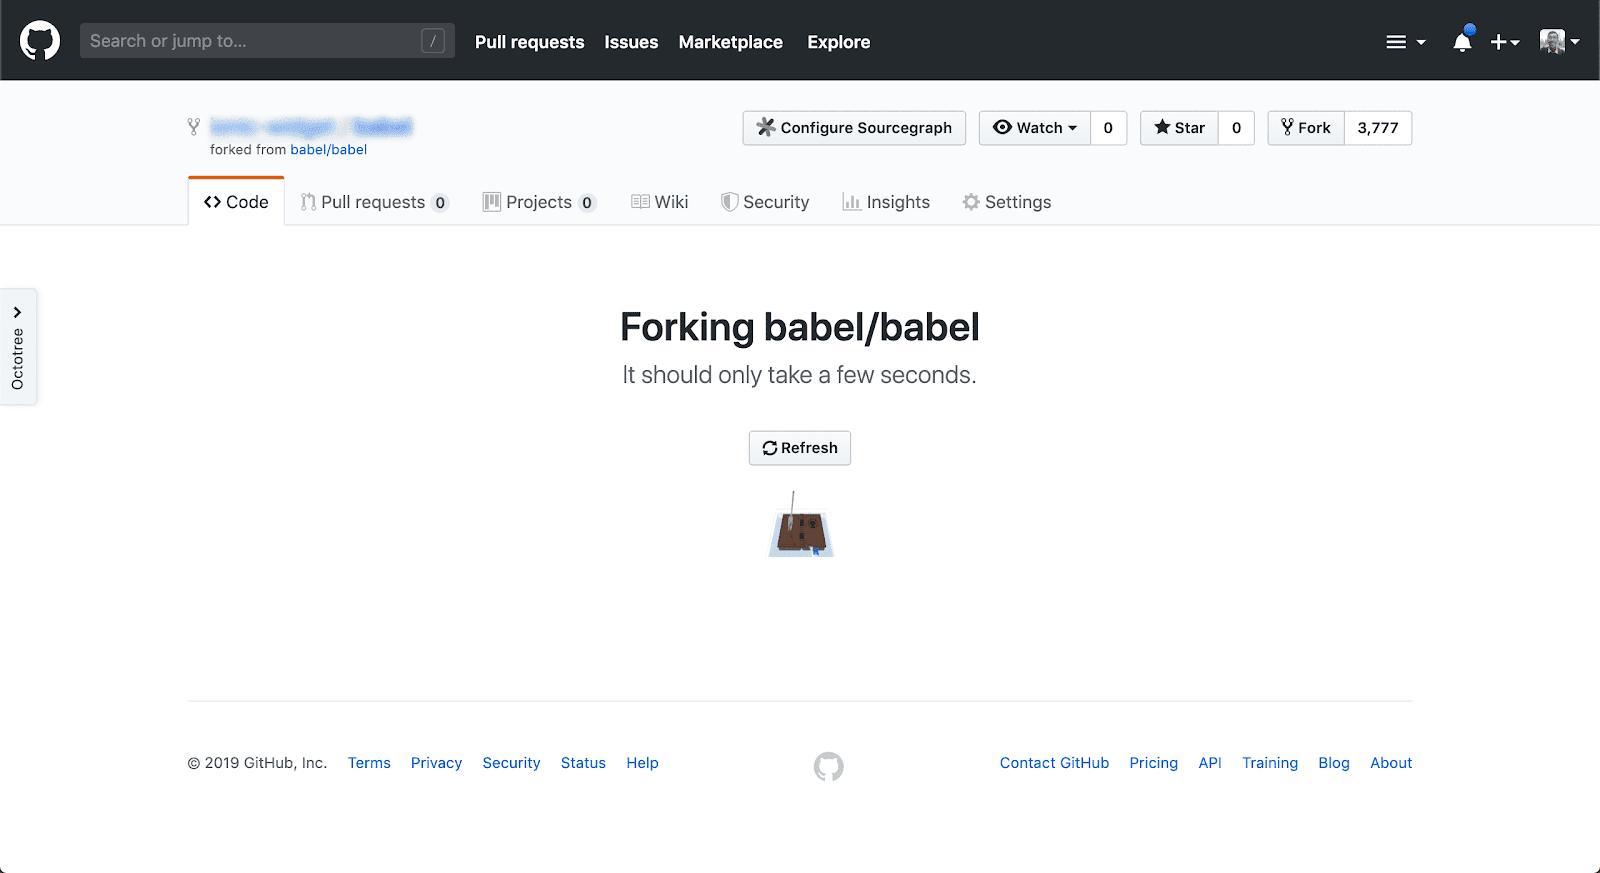 Створення ФОРКу Babel